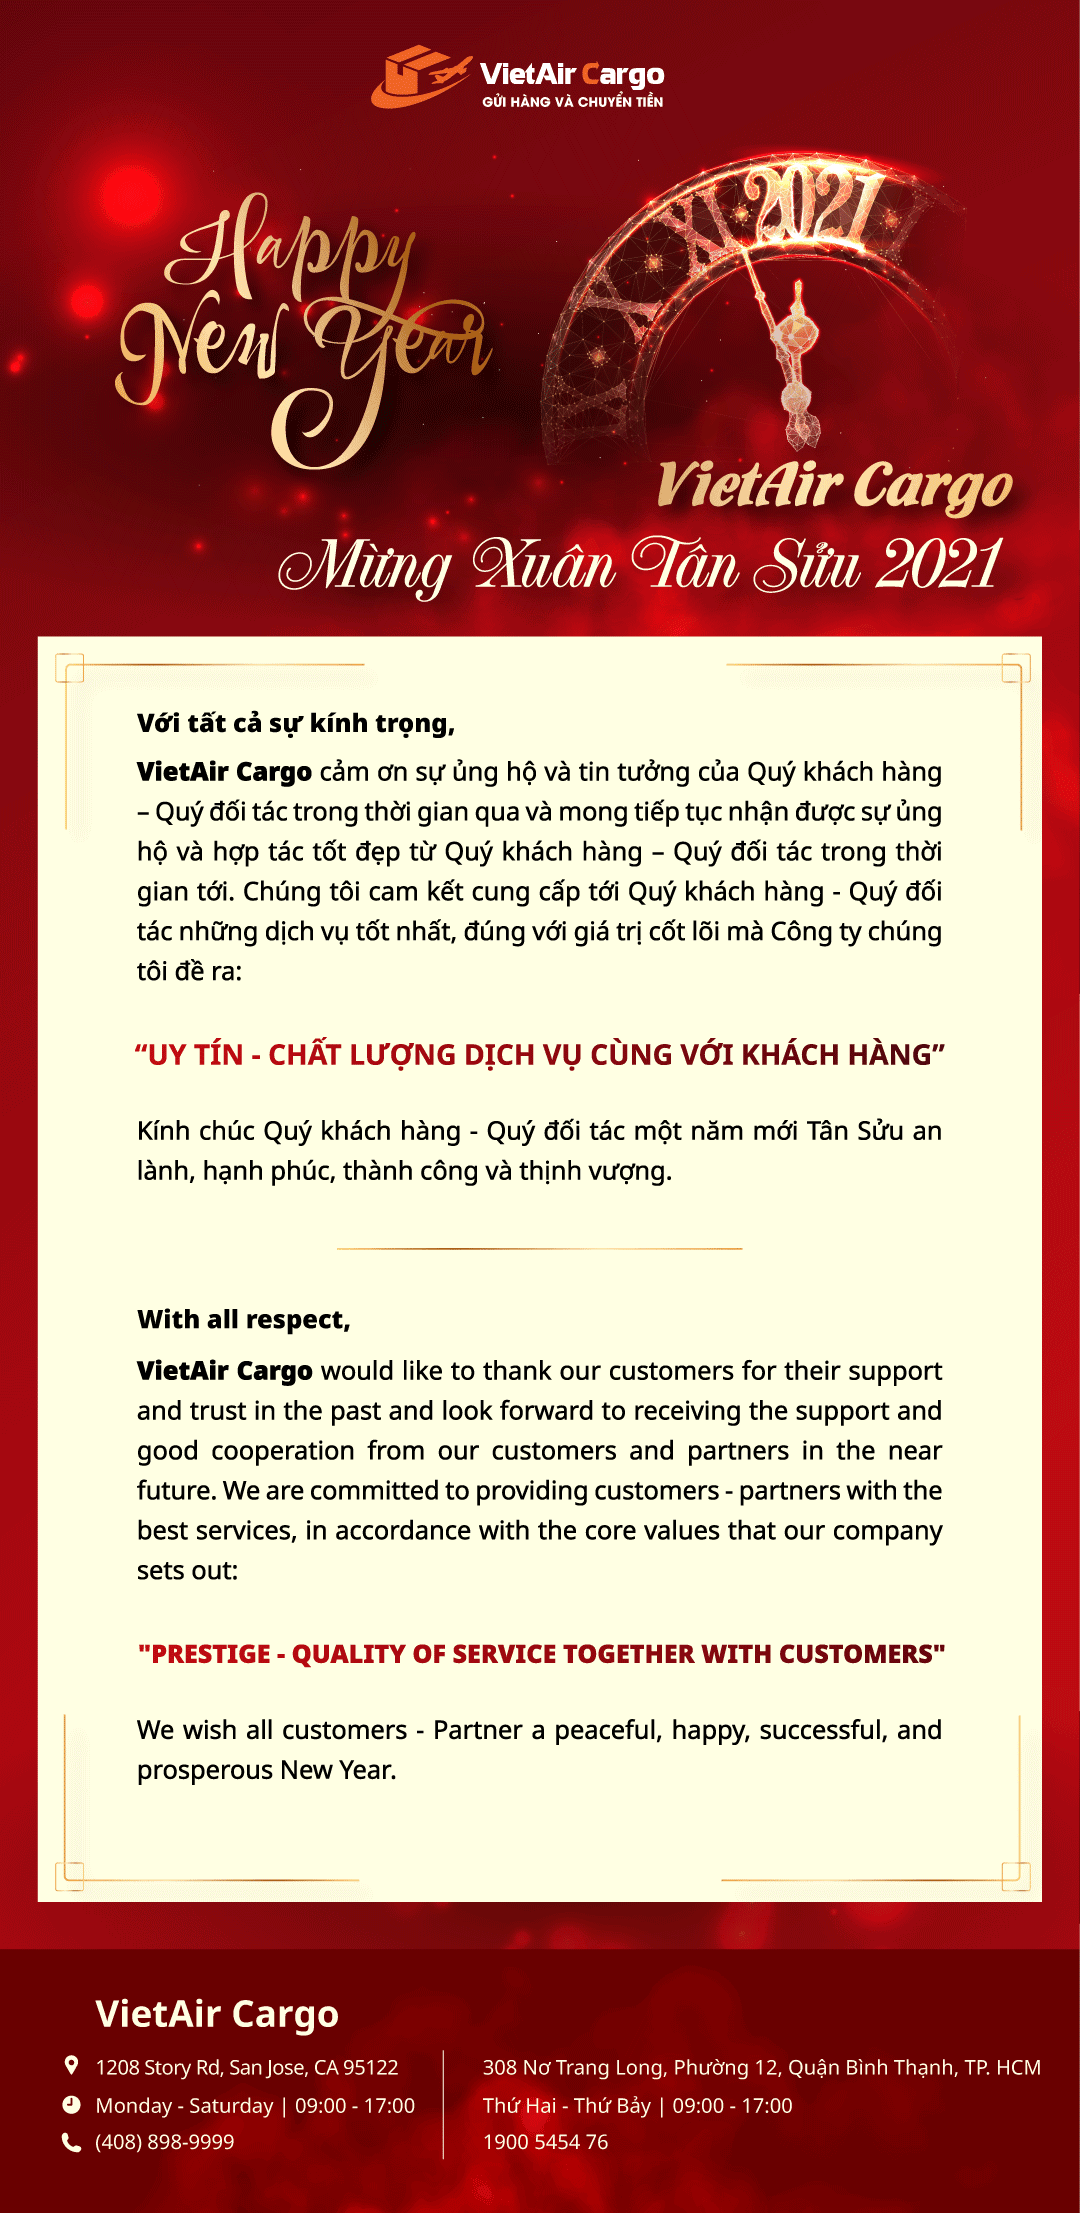 BANNER-VIETAIRCARGO-chuc-mung-nam-moi Happy Lunar New Year 2021